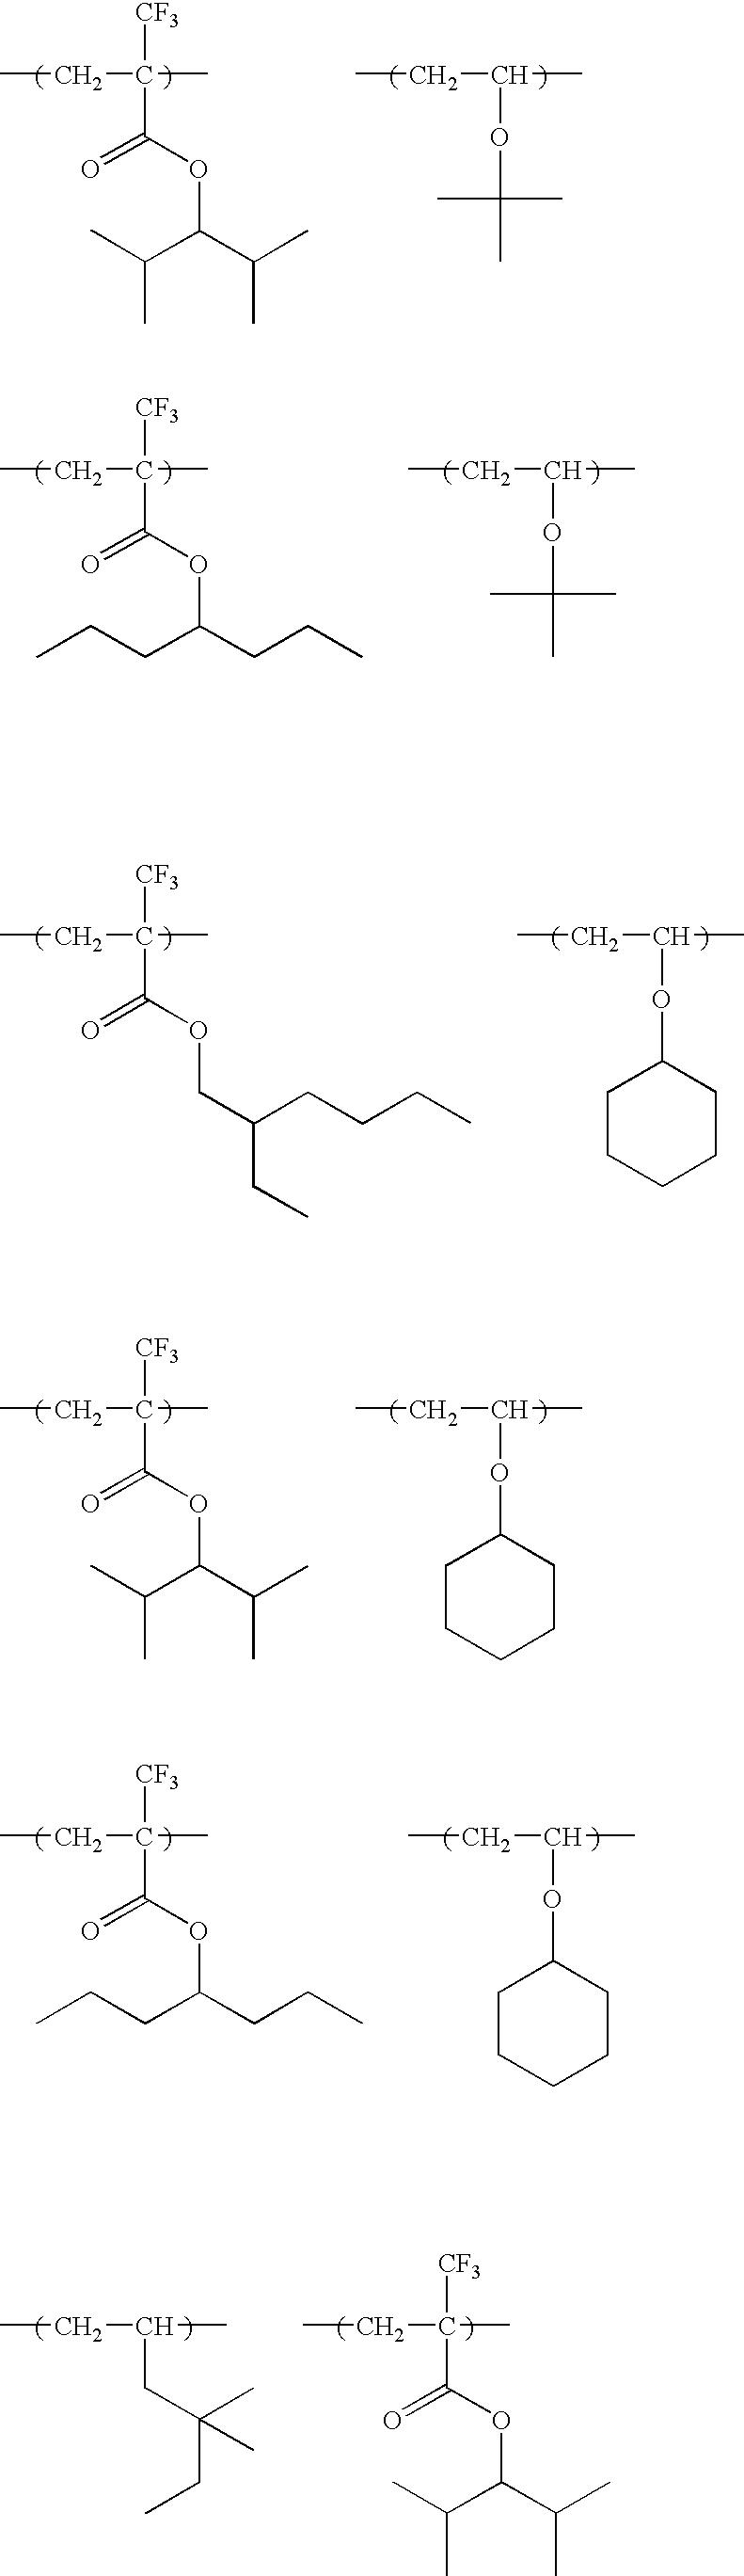 Figure US07985534-20110726-C00076